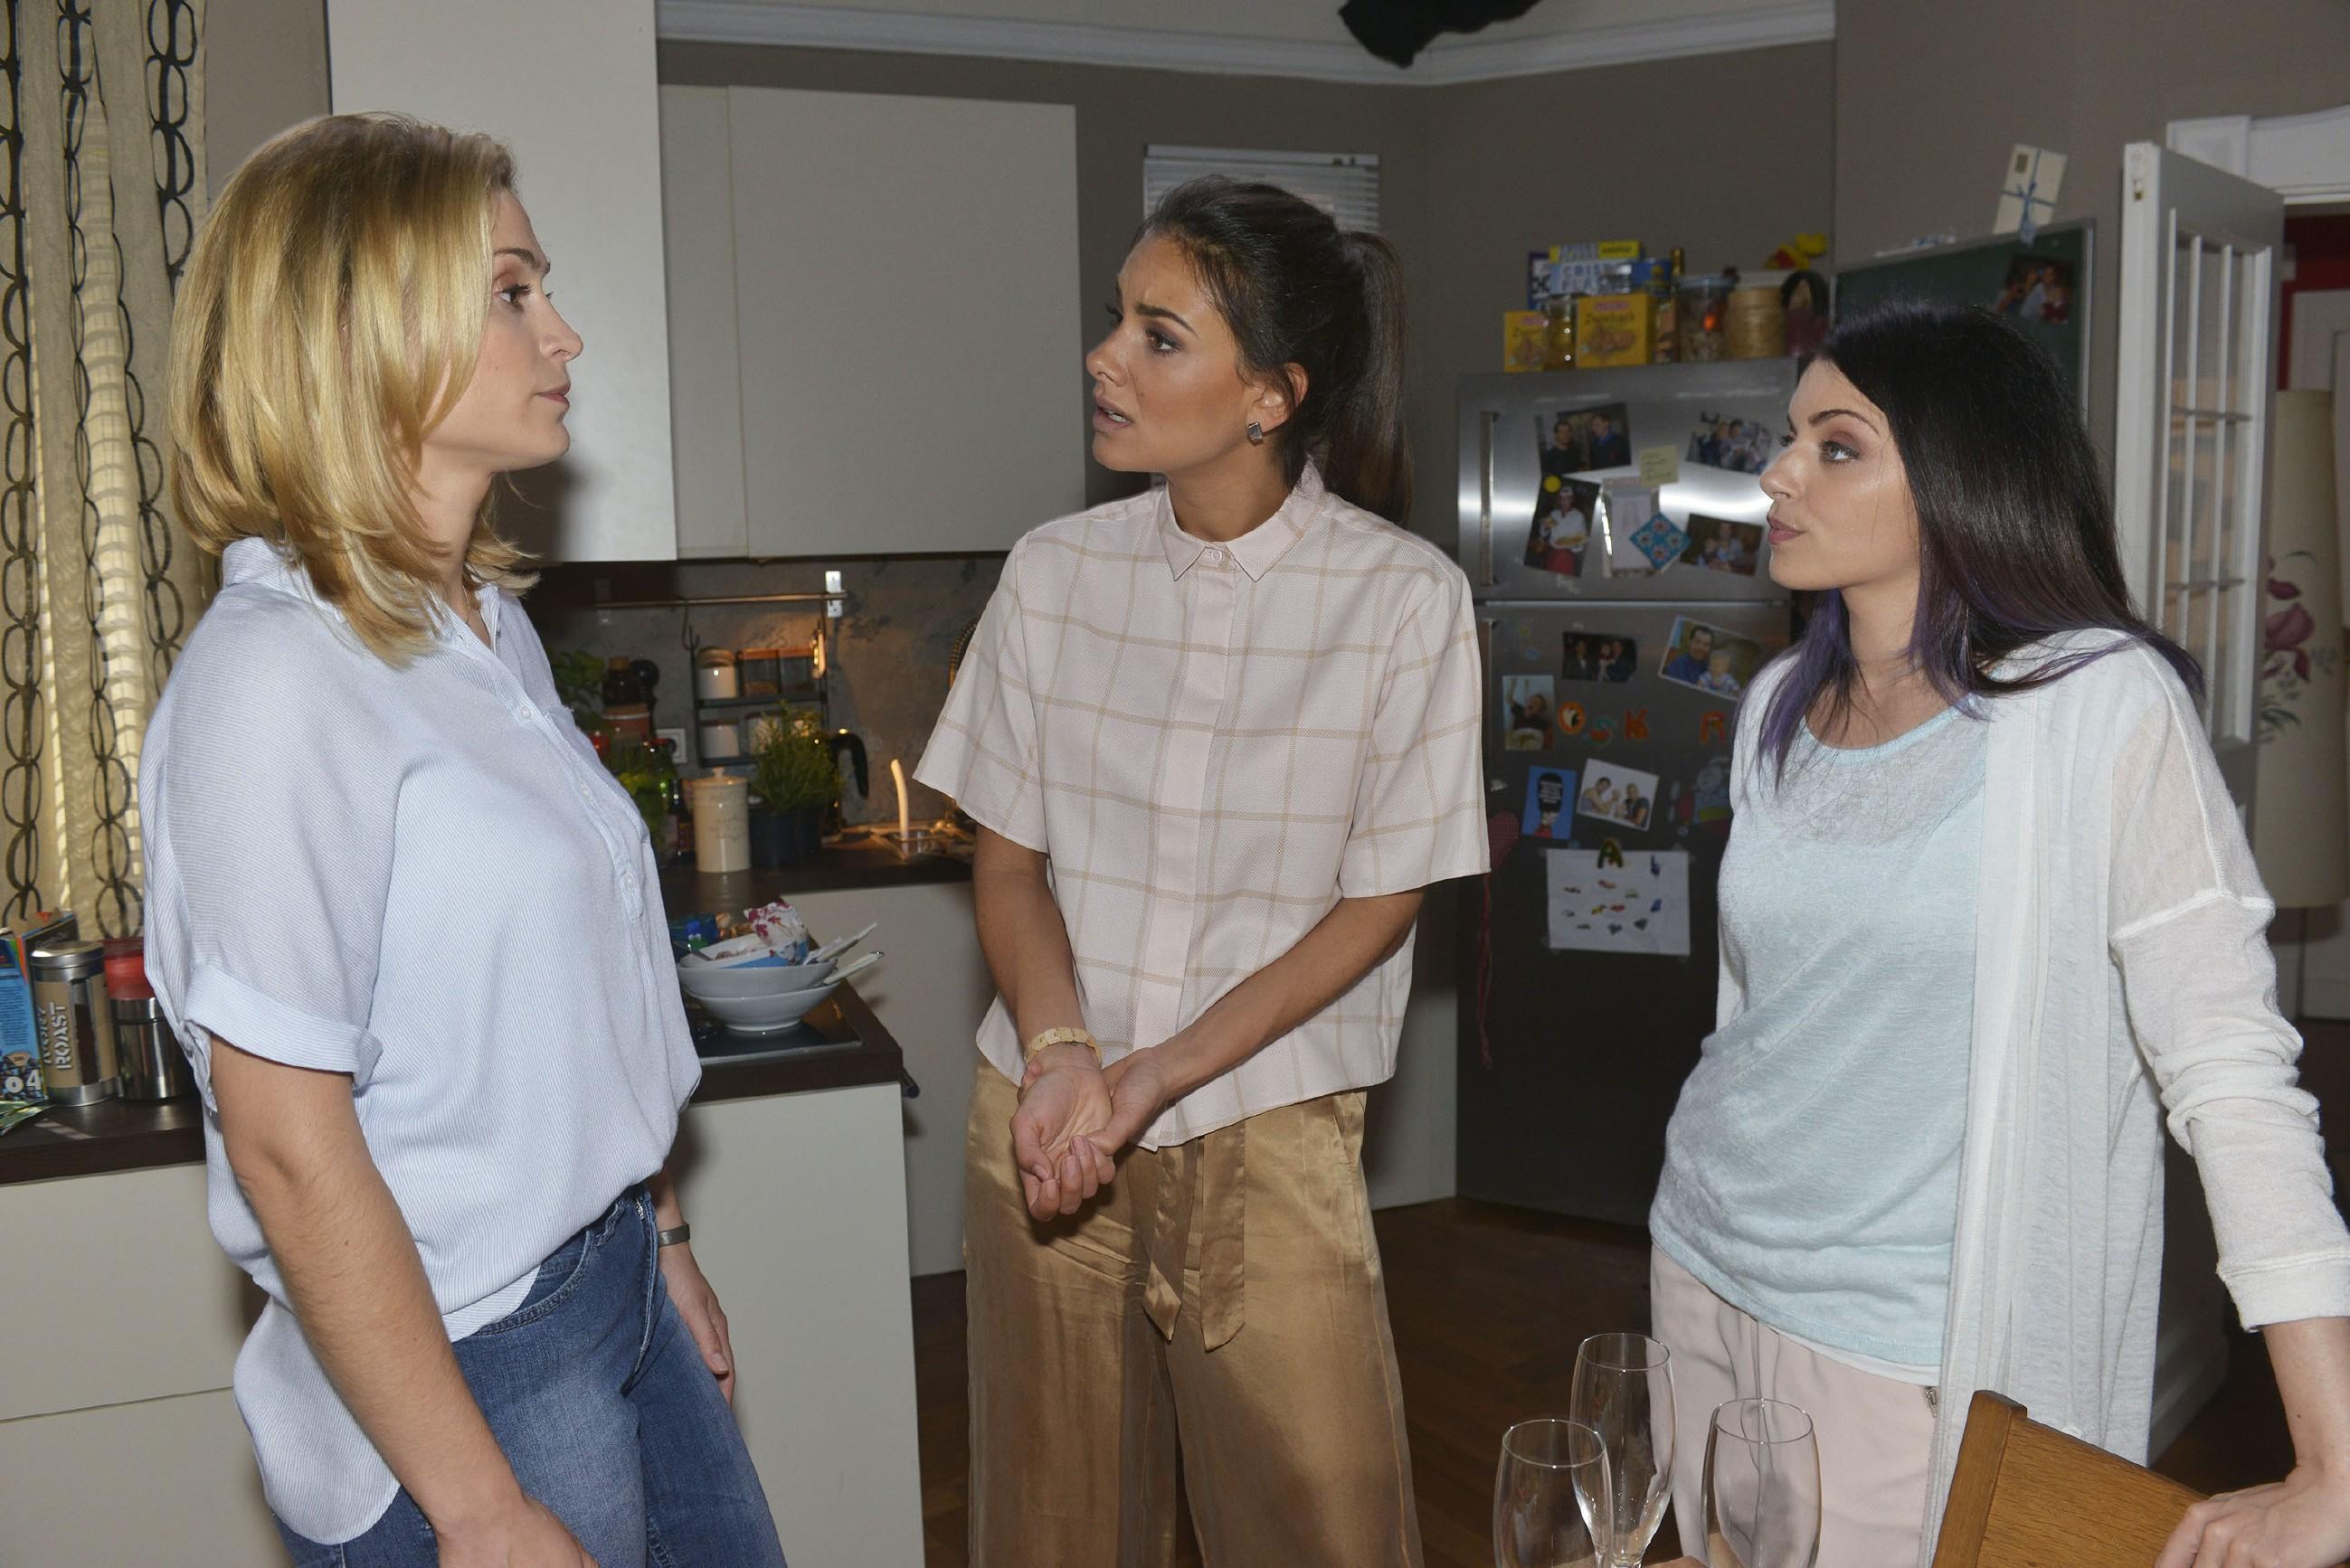 Als Sophie (Lea Marlen Woitack, l.) Jasmin (Janina Uhse, M.) und Emily (Anne Menden) von dem Jobangebot und ihren Verhandlungen mit City Stylz erzählt, wirft Emily Sophie Verrat vor... (Quelle:RTL / Rolf Baumgartner)